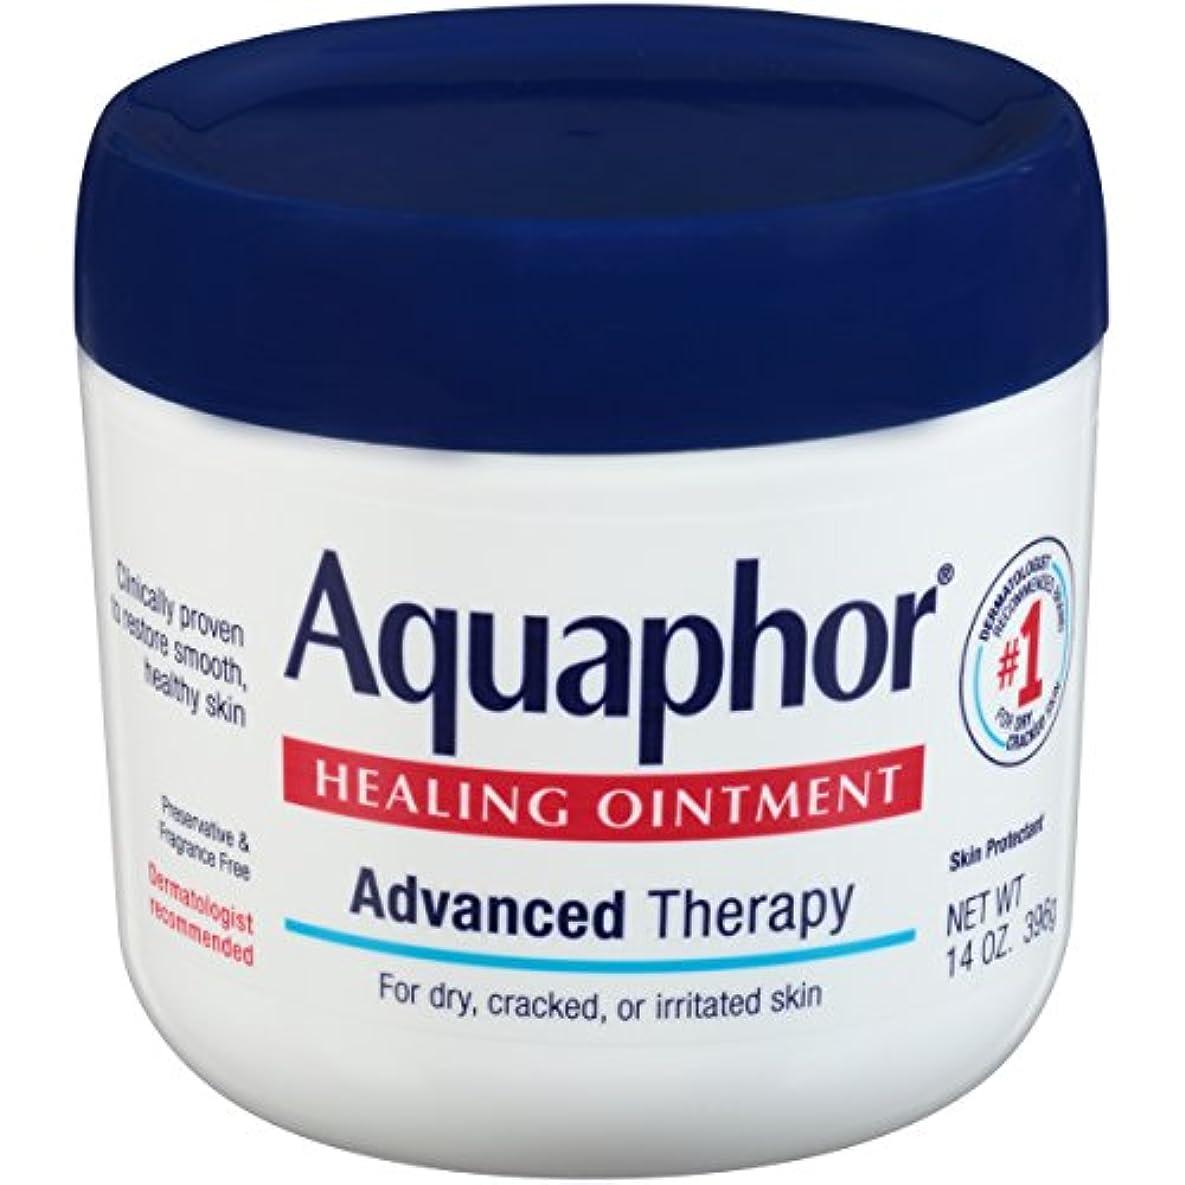 戸惑うより多い階下海外直送品Aquaphor Advanced Therapy Healing Ointment, 14 oz by Aquaphor